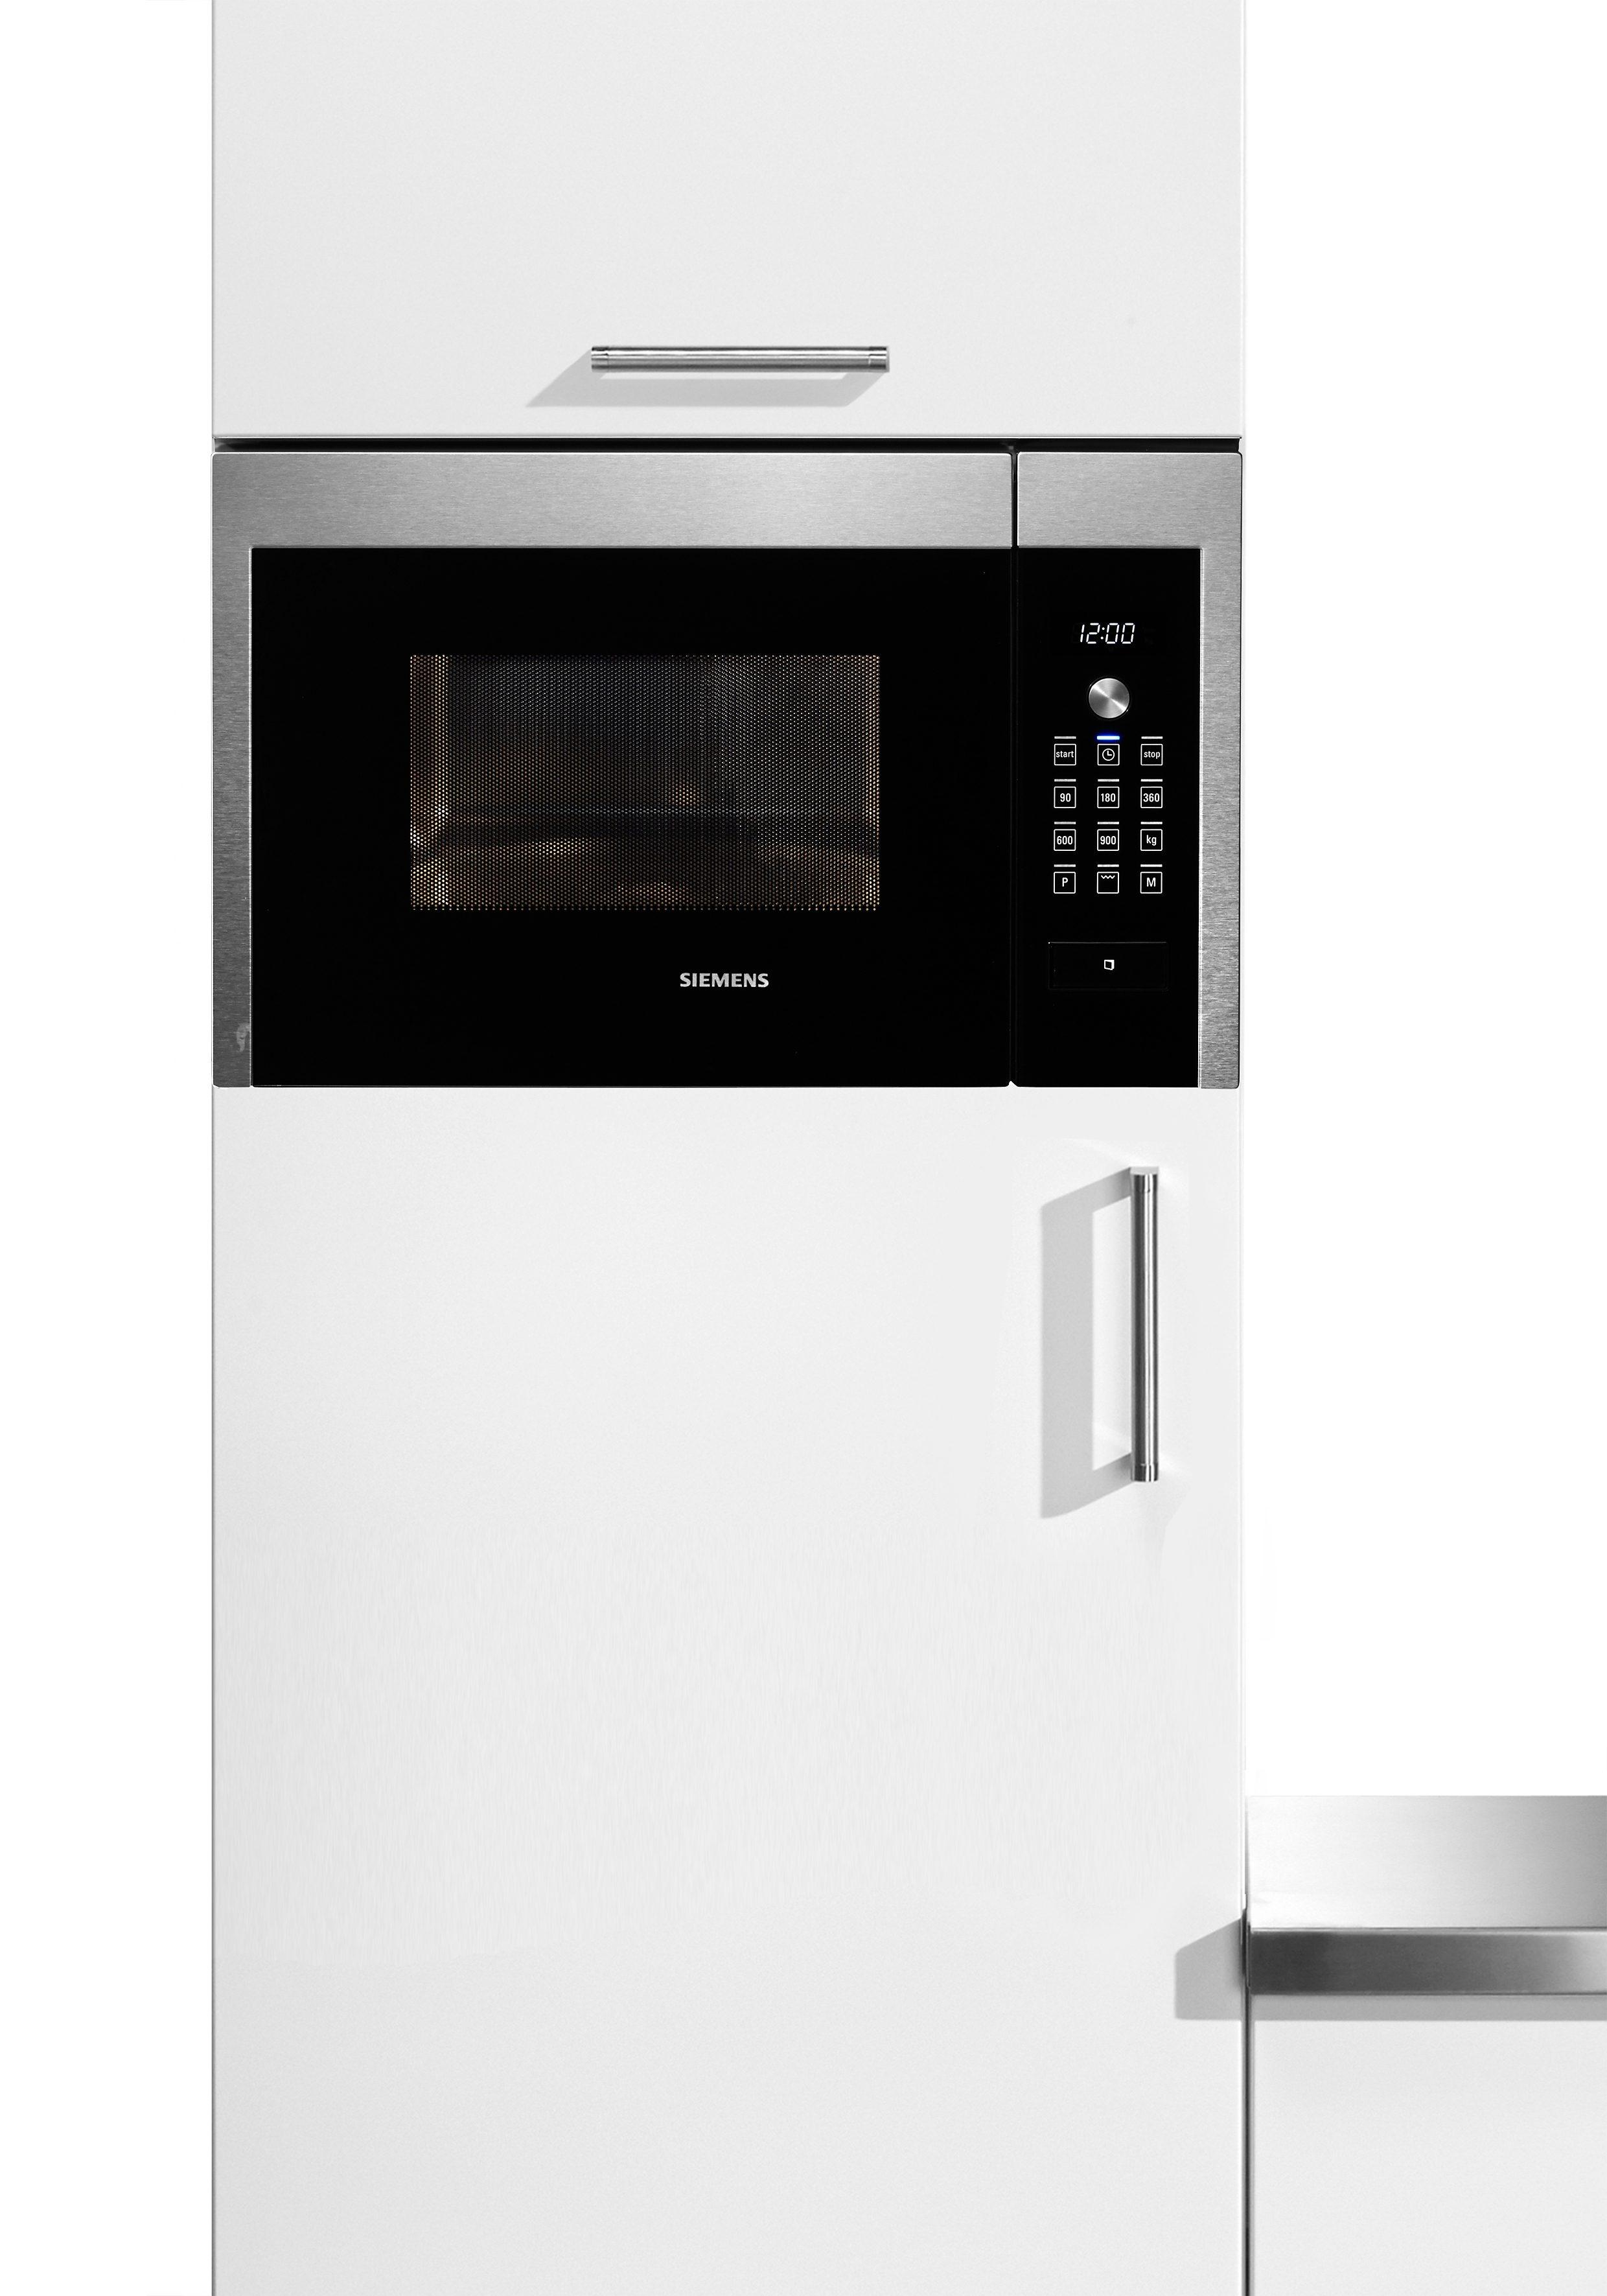 Siemens Mikrowelle HF24G564, mit Grill, 25 Liter, 900 Watt